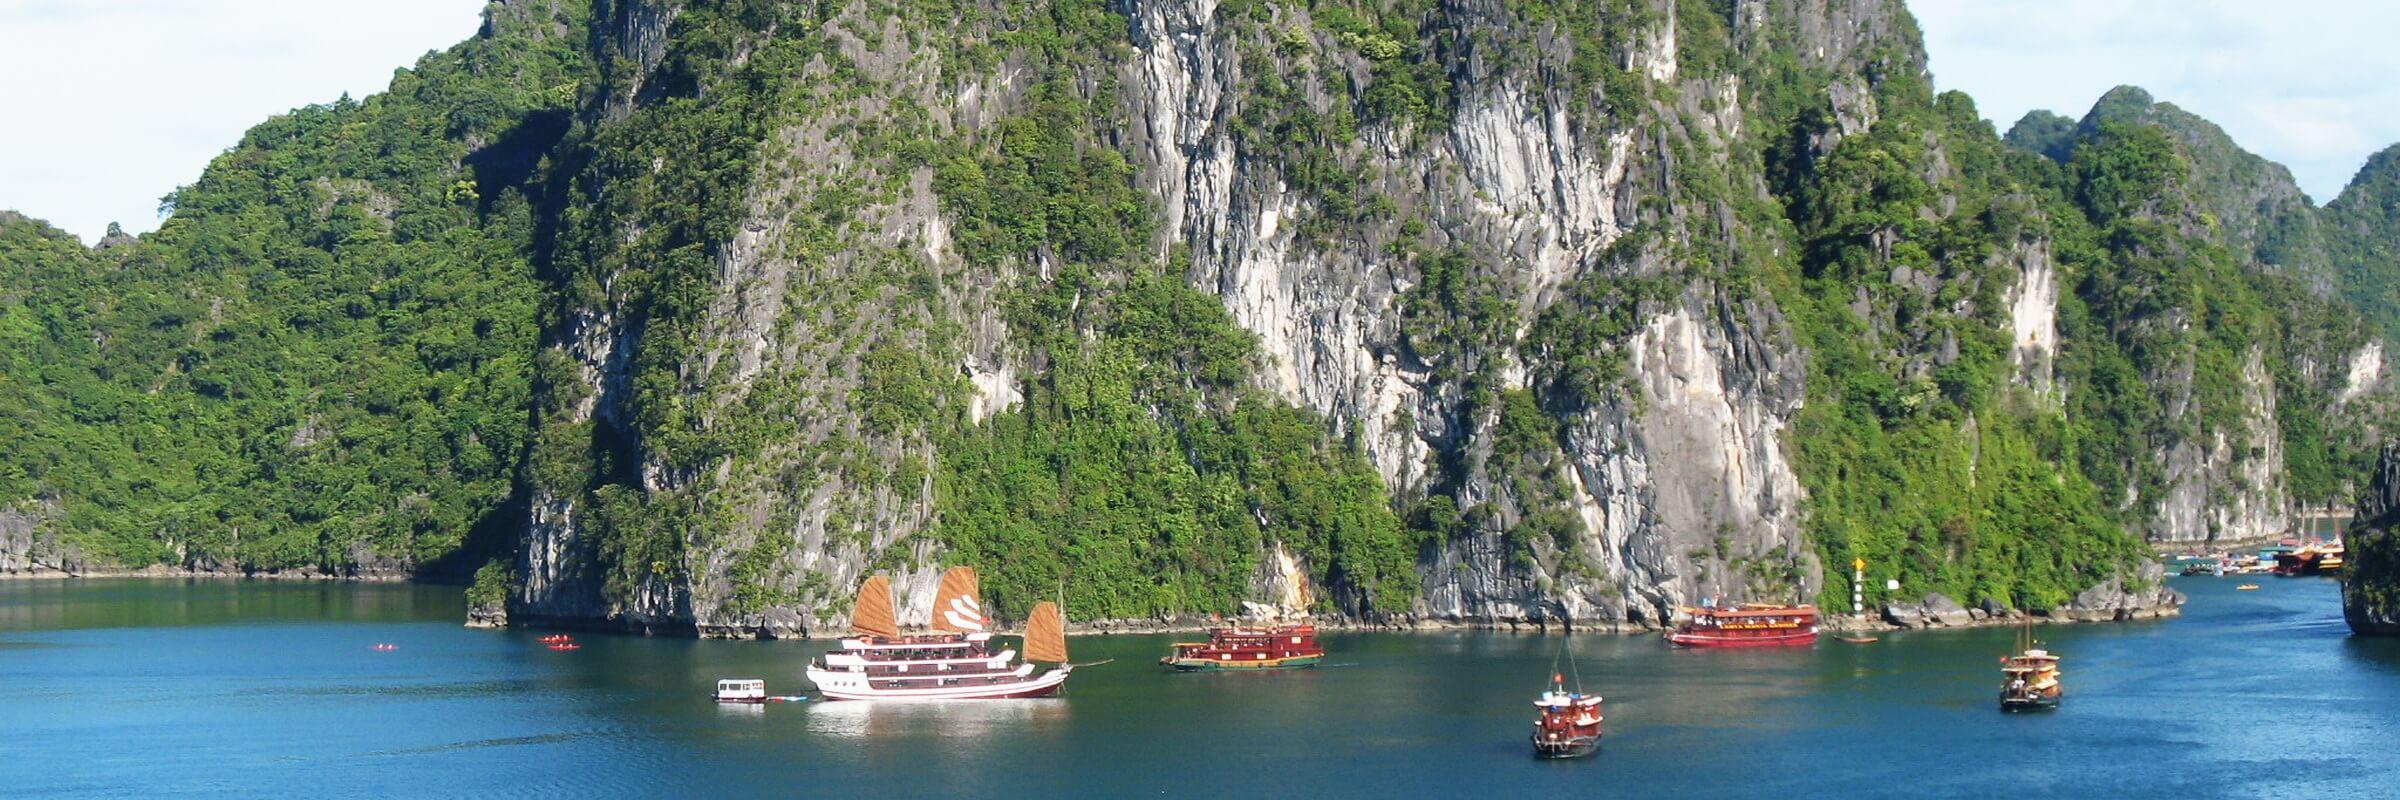 Eine Kreuzfahrt auf einer Dschunke durch die mystische Halong Bucht (UNESCO-Weltnaturerbe) gehört zu den besonderen Höhepunkten einer Vietnam Reise.